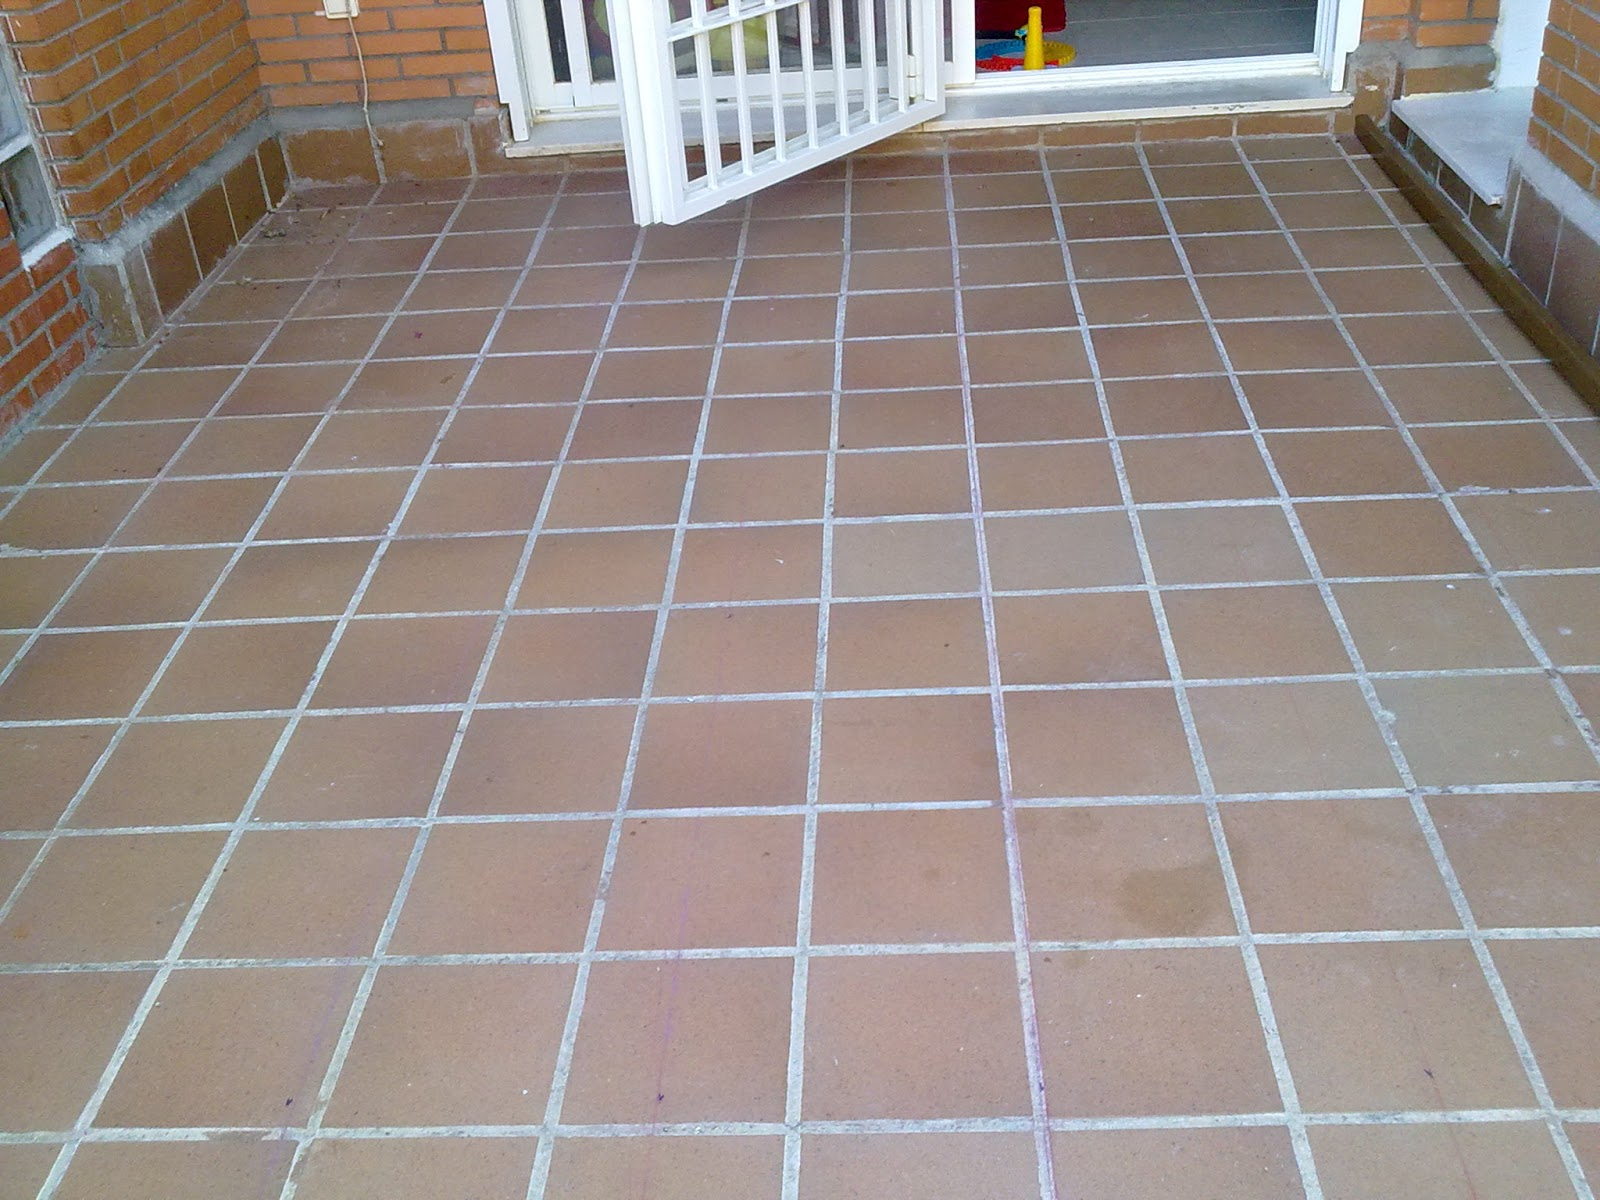 Miguel garcia carpintero suelo de composite en terraza - Suelos de exterior antideslizantes ...